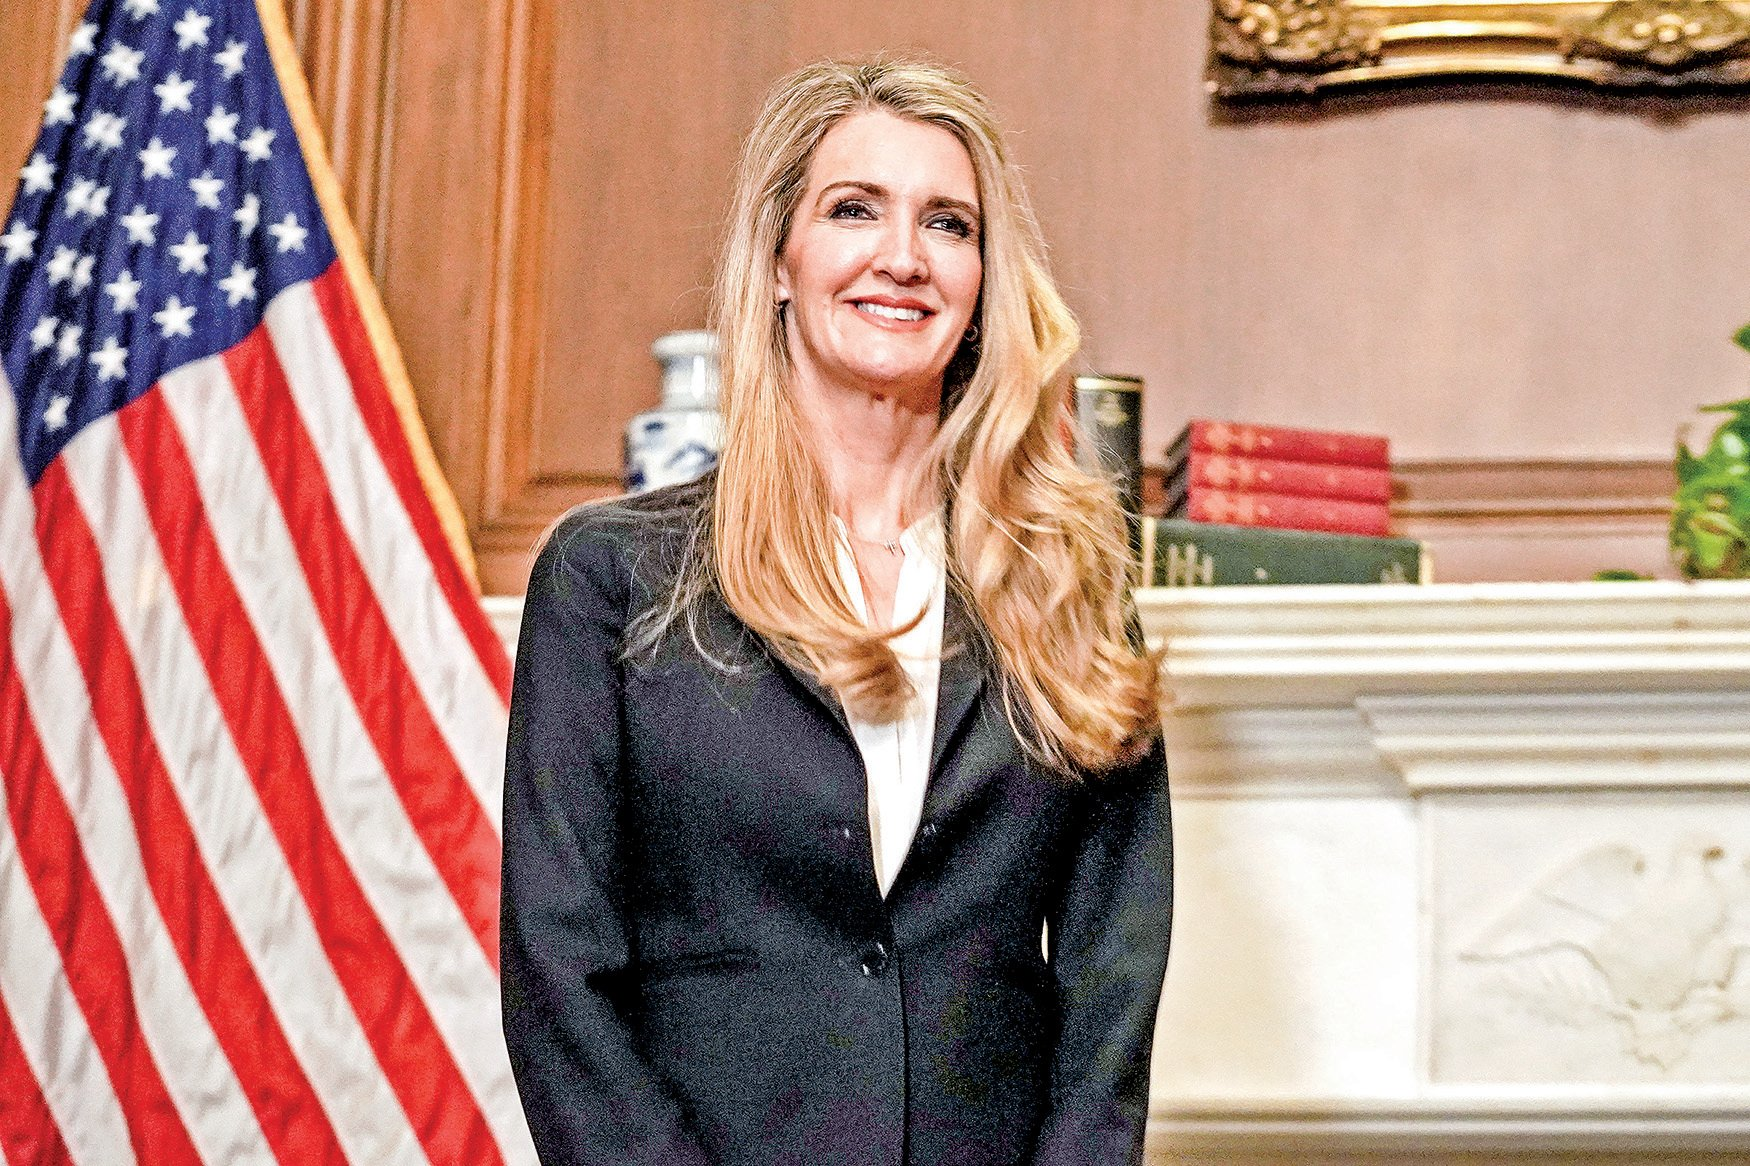 美國參議員凱莉洛夫勒(Kelly Loeffler)致函政府官員,要求對中共利用非營利組織干預美國大選進行調查。圖為參議員洛夫勒資料照(Greg Nash / POOL / AFP)